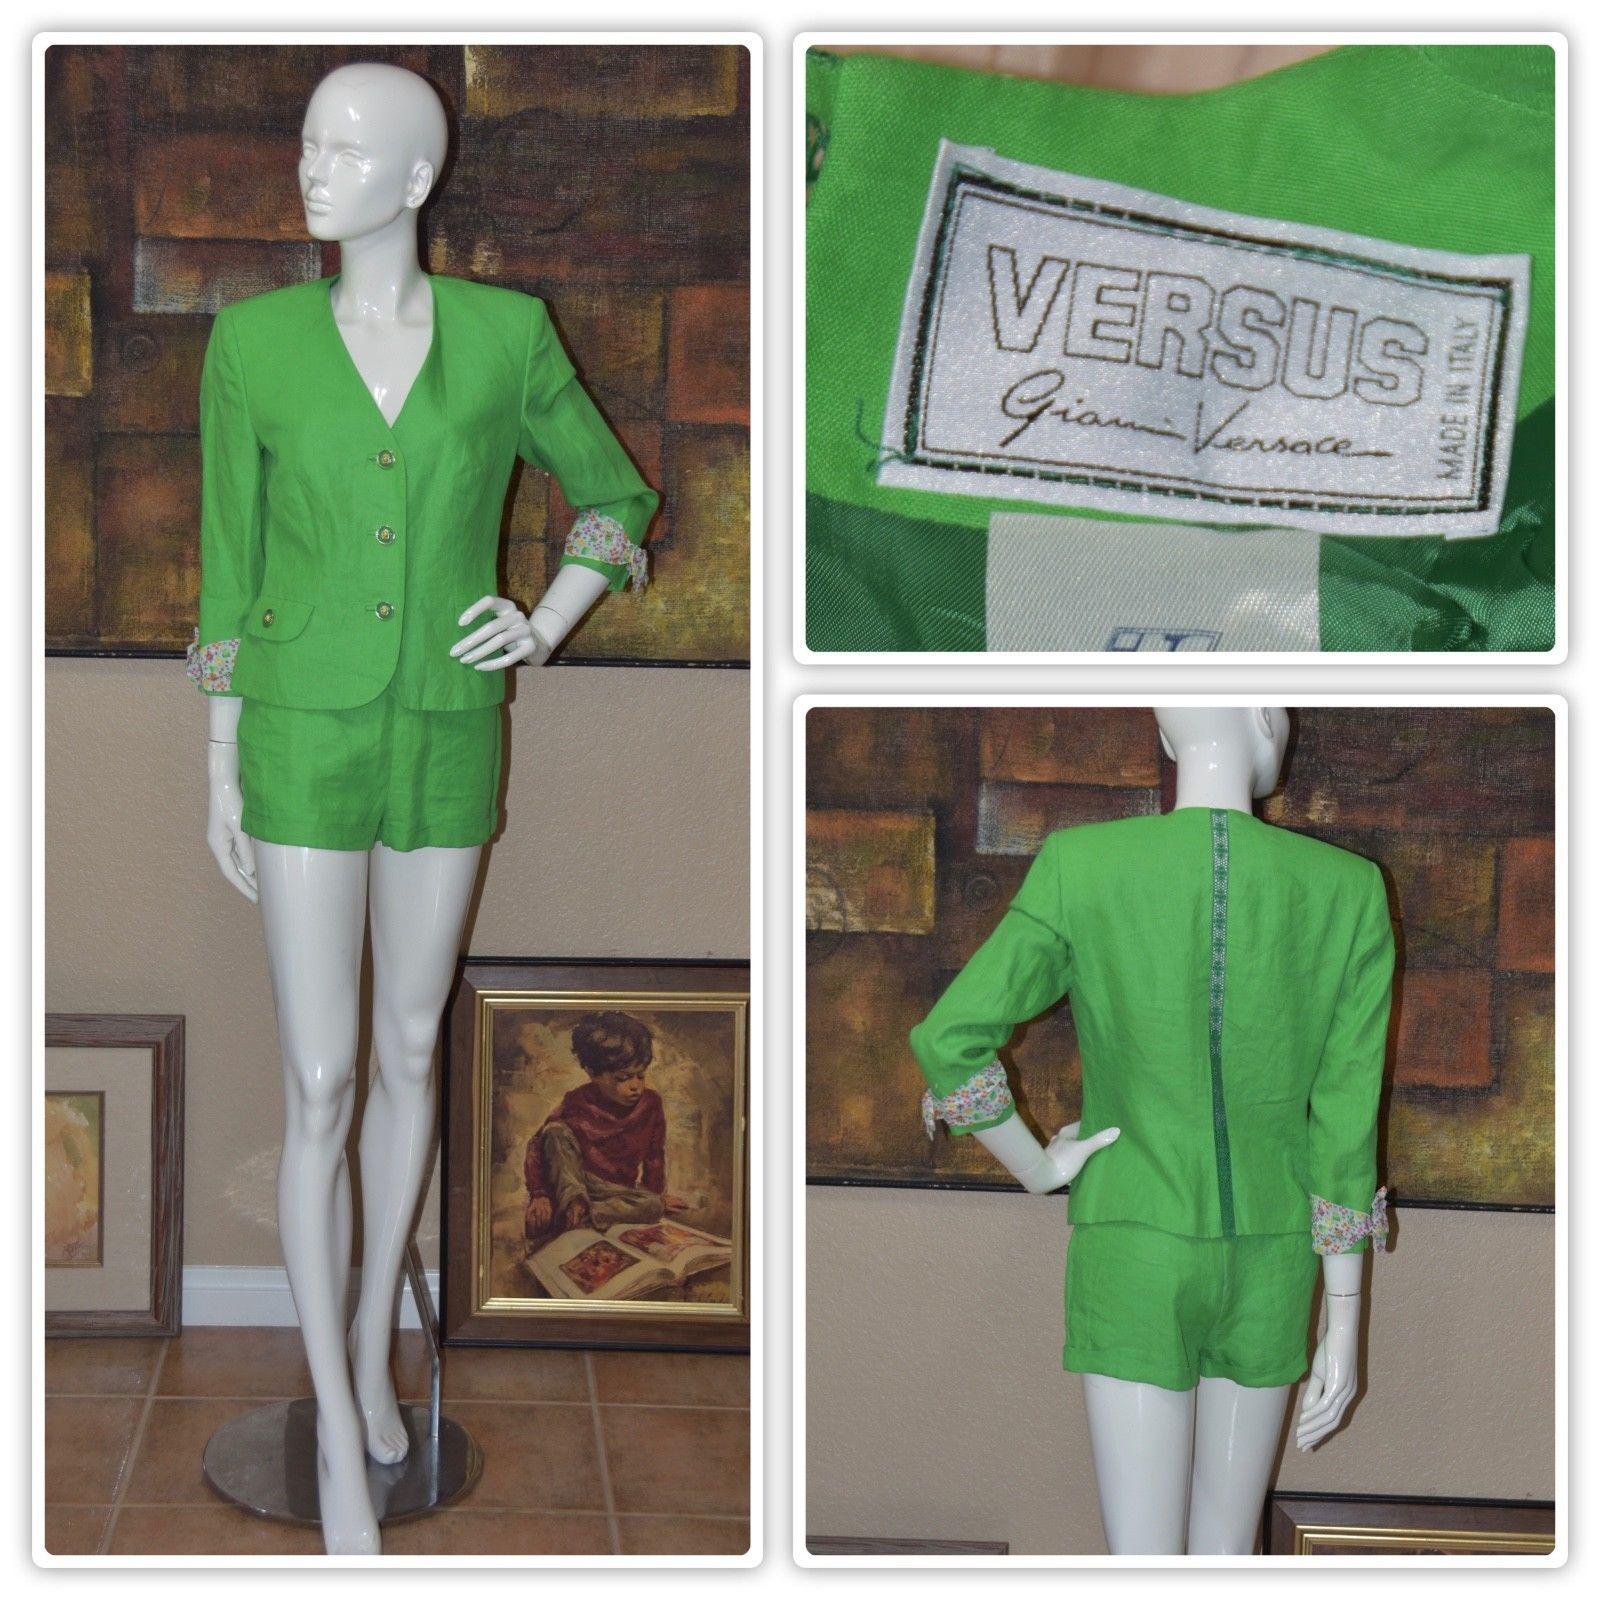 199 00 Gianni Versace Versus Haute Couture Sophisticated Short Suit Size 6 Gianni Versace Versus Couture Sophisti Gianni Versace Short Suit Couture